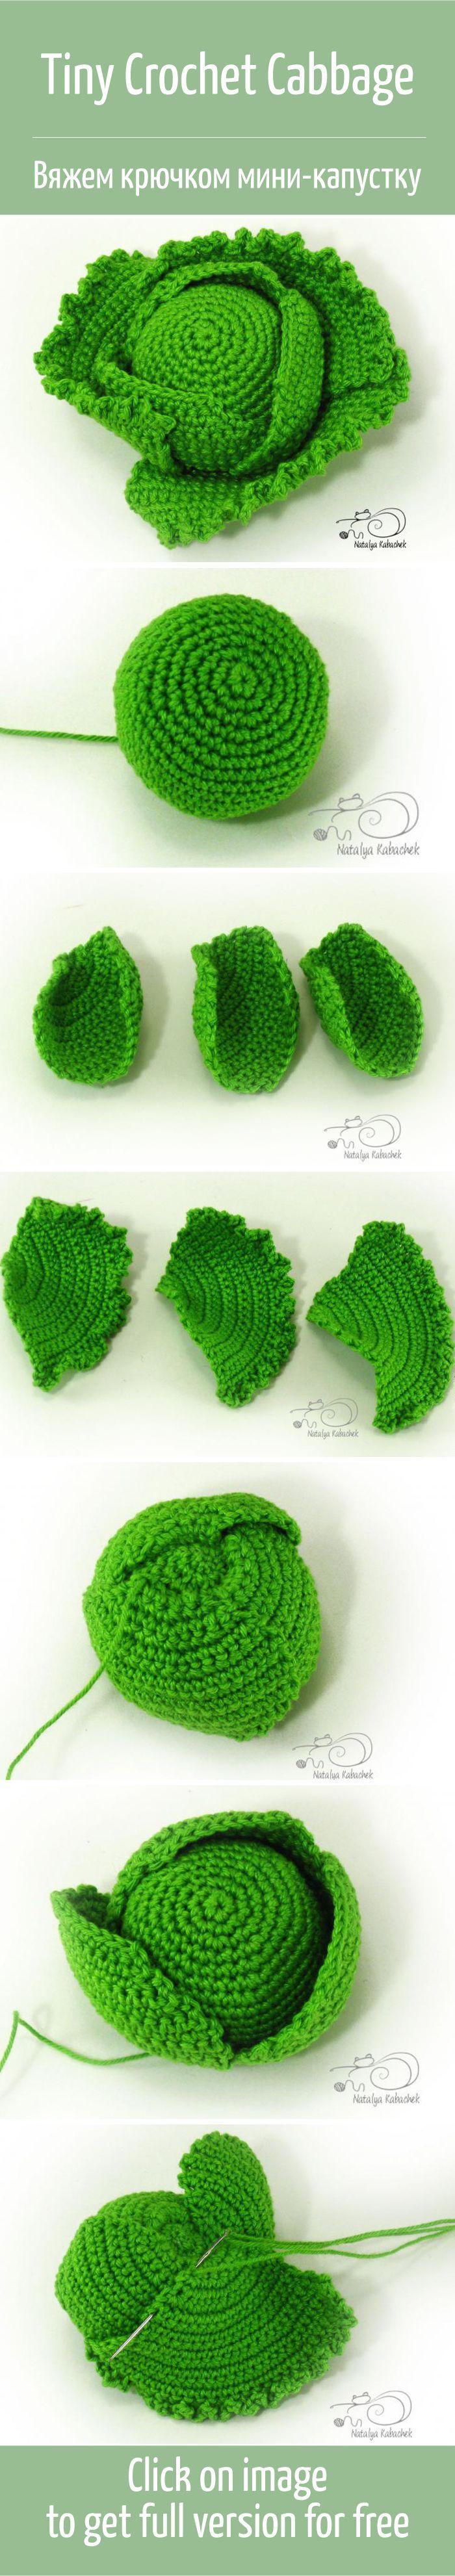 Вяжем крючком миниатюрный кочан капусты / Tiny crochet cabbage tutorial